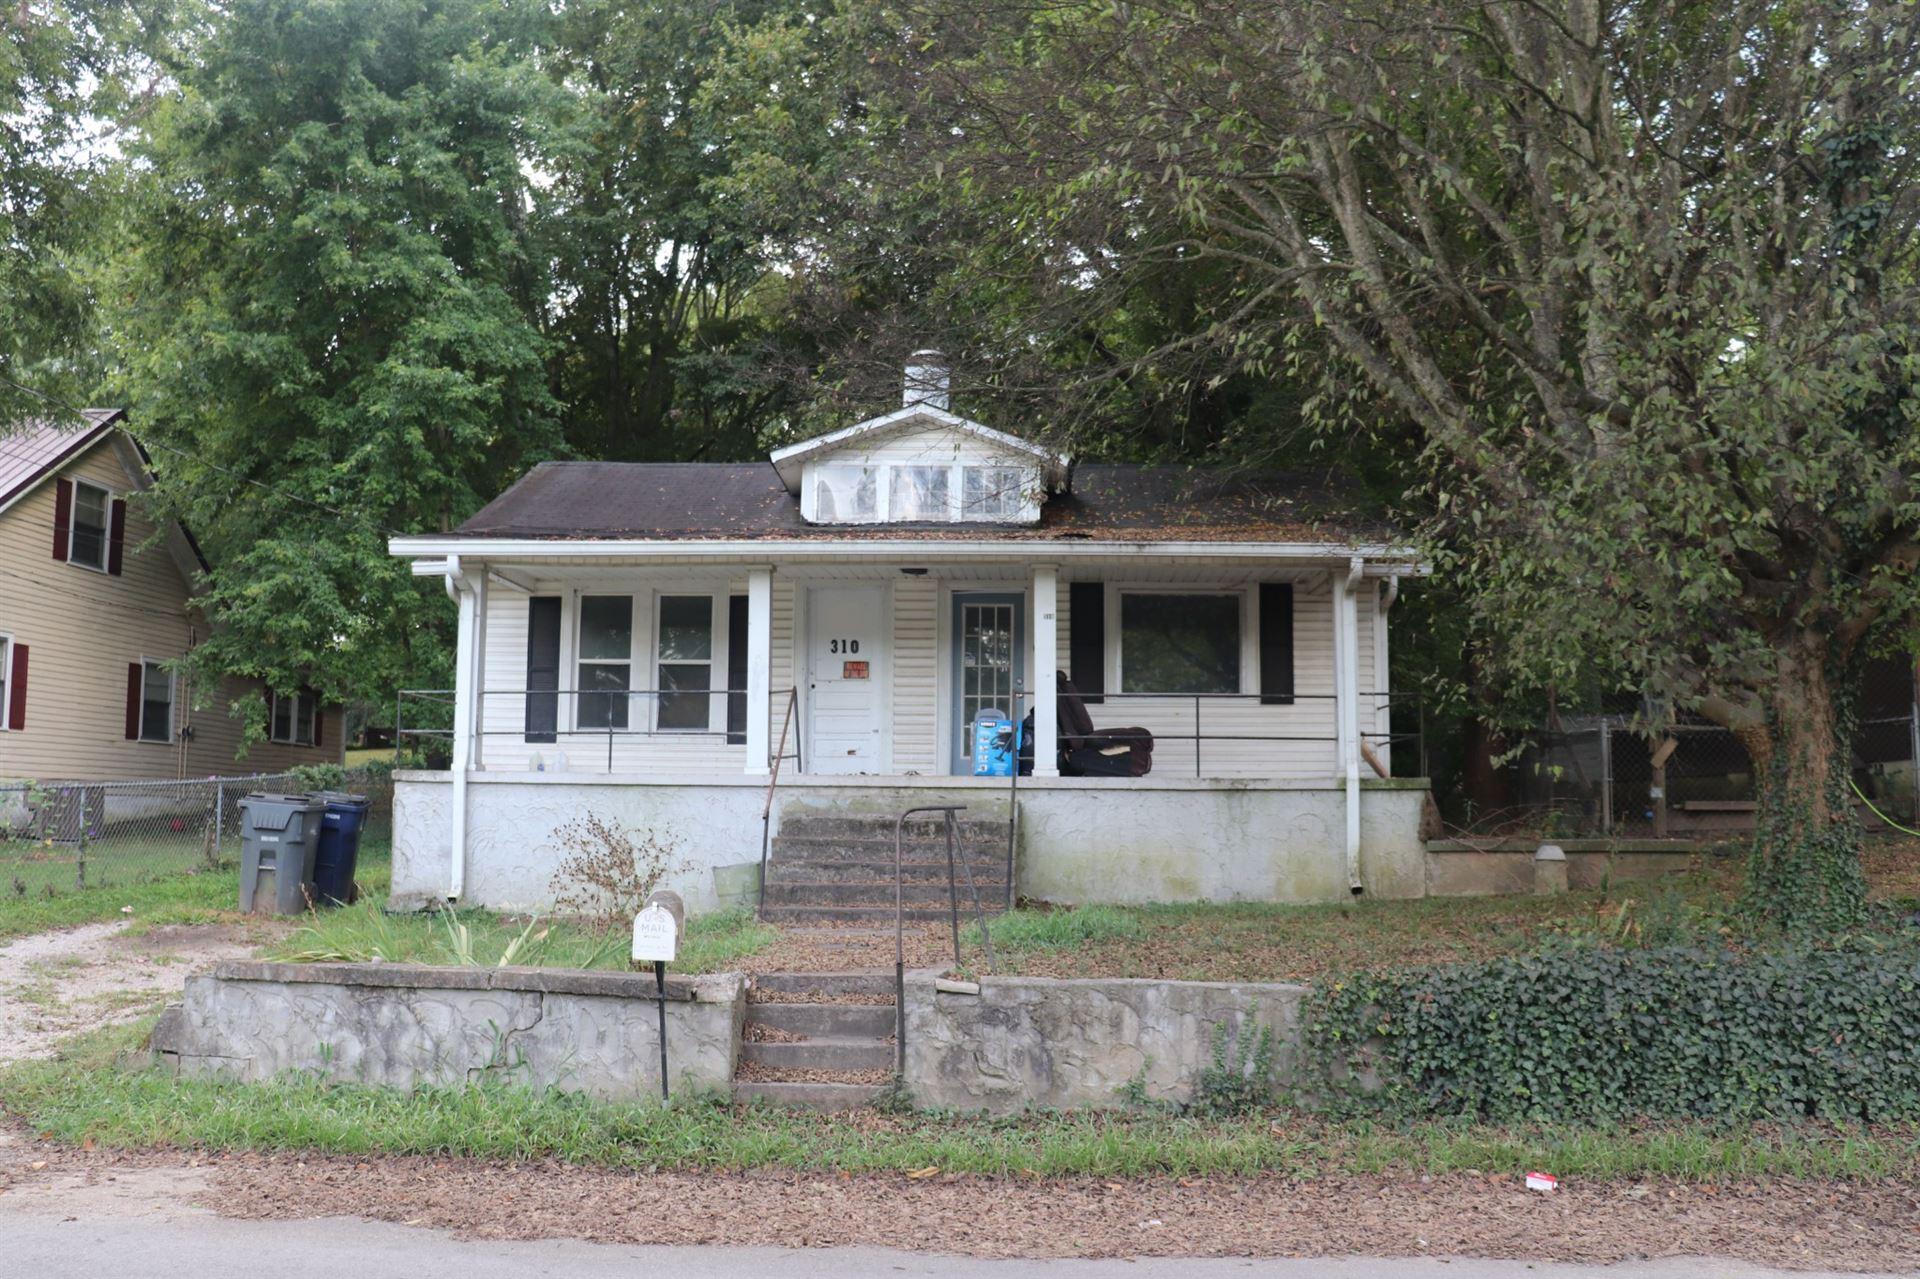 310 E 15th St, Columbia, TN 38401 - MLS#: 2281839